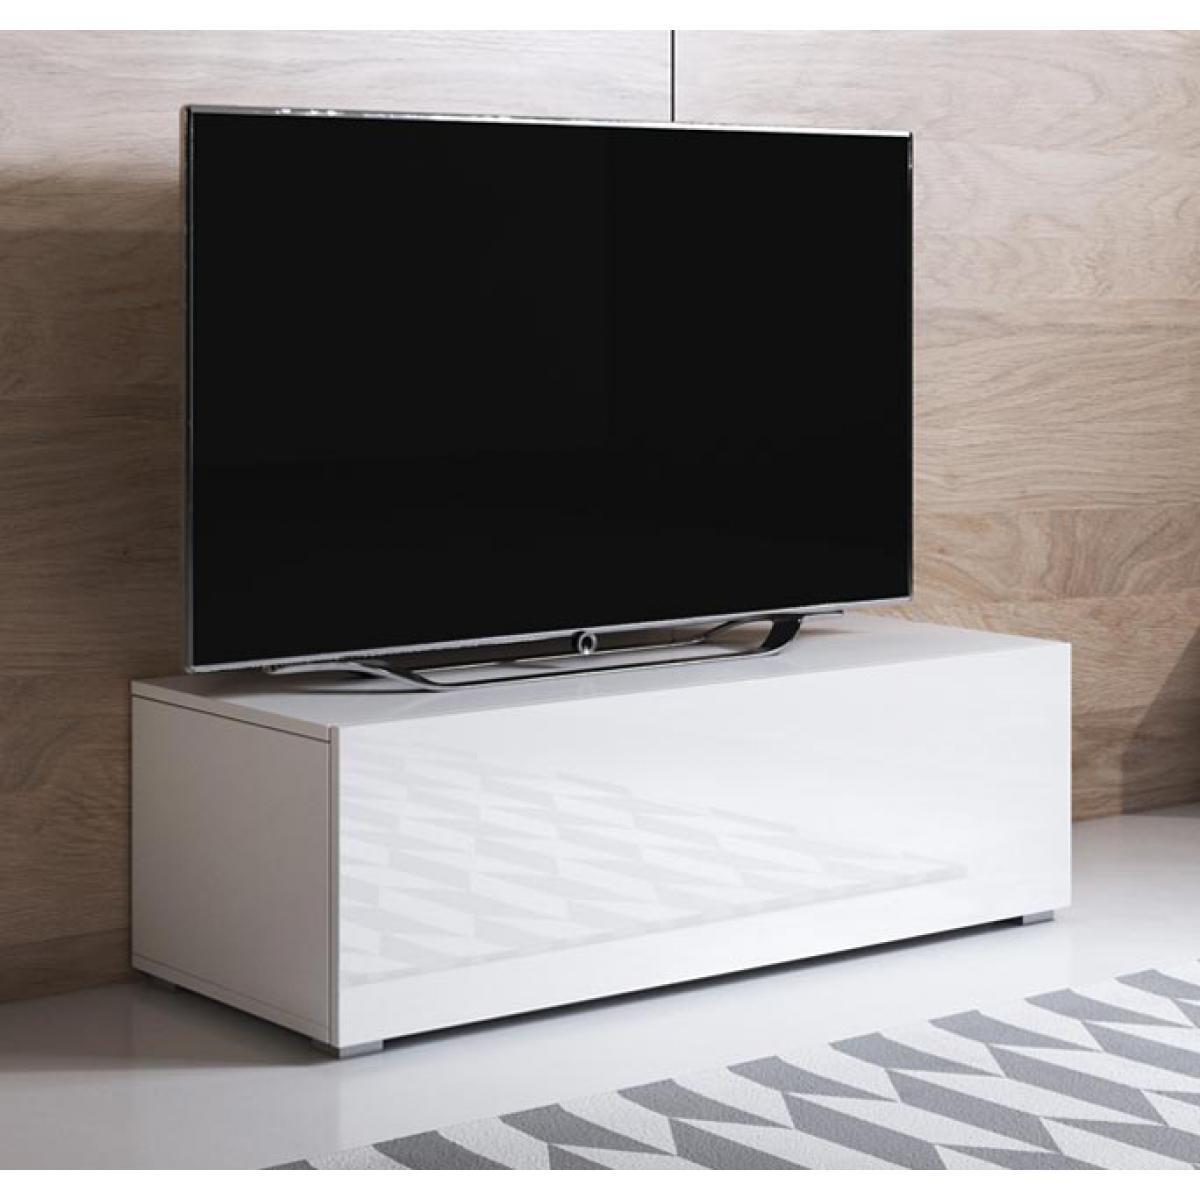 Design Ameublement Meuble TV modèle Luke H1 (100x32cm) couleur blanc avec pieds standard